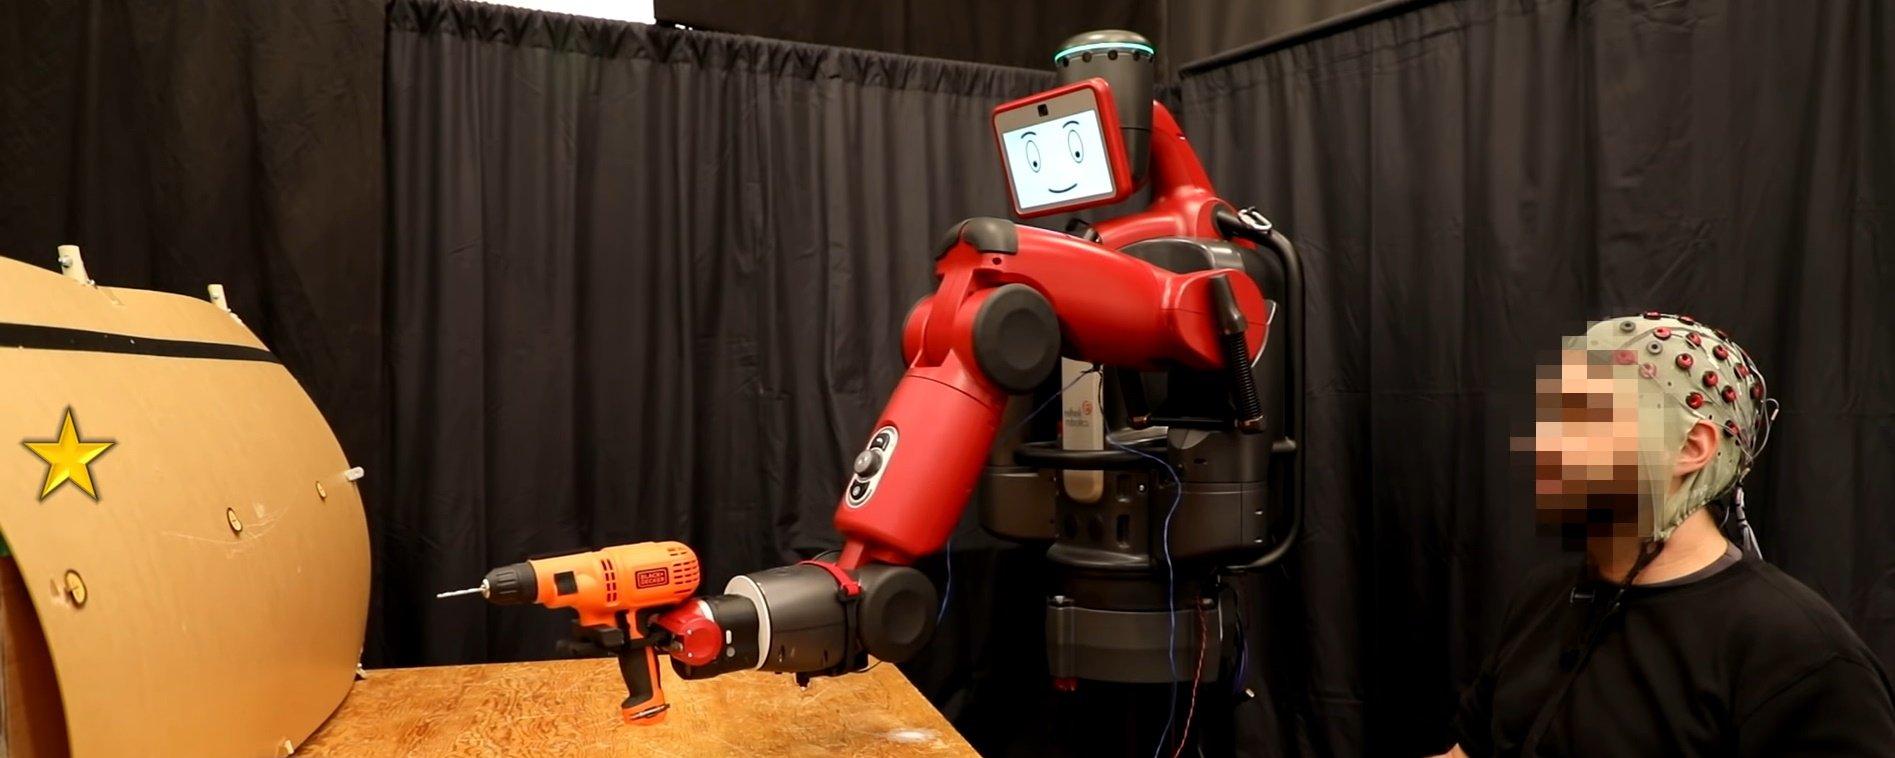 """""""Lendo a mente de humanos"""", robô do MIT sabe quando fez algo errado"""